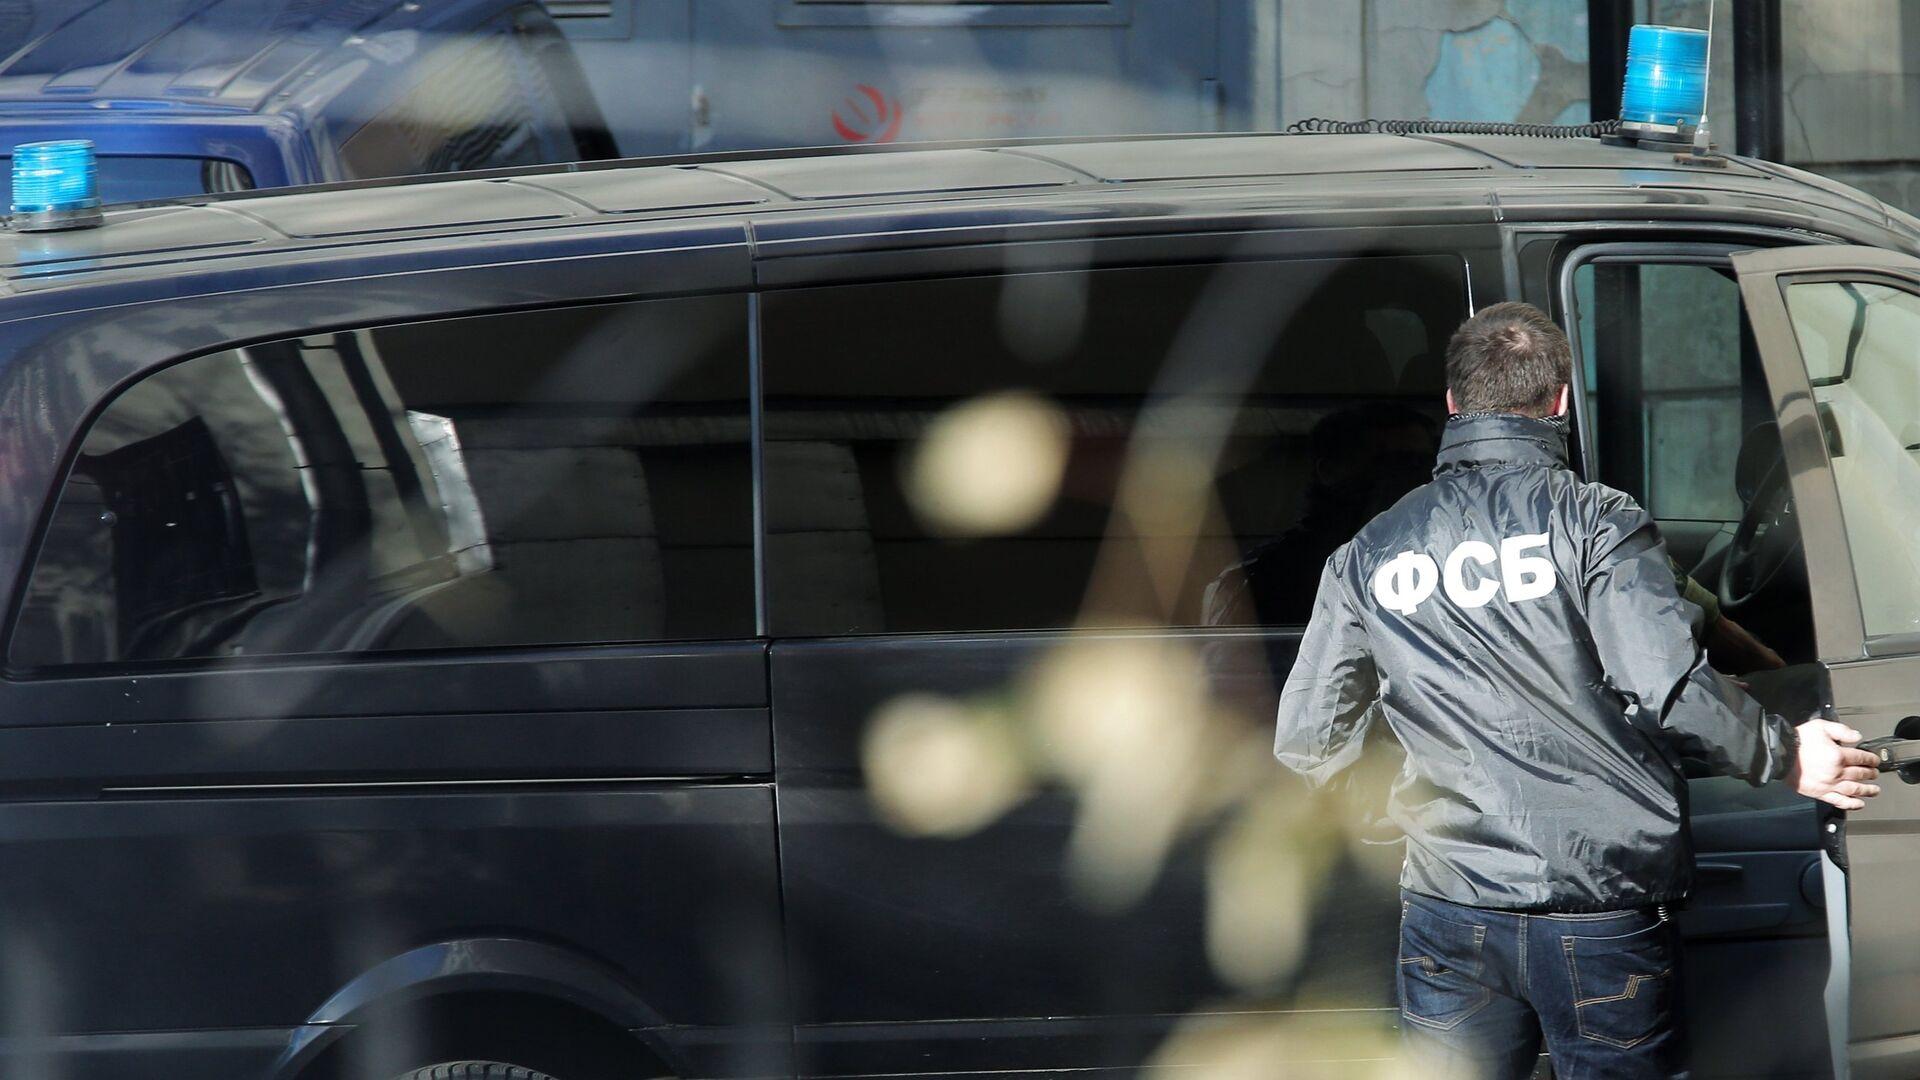 Сотрудник Федеральной Службы Безопасности России, архивное фото - Sputnik Таджикистан, 1920, 29.07.2021